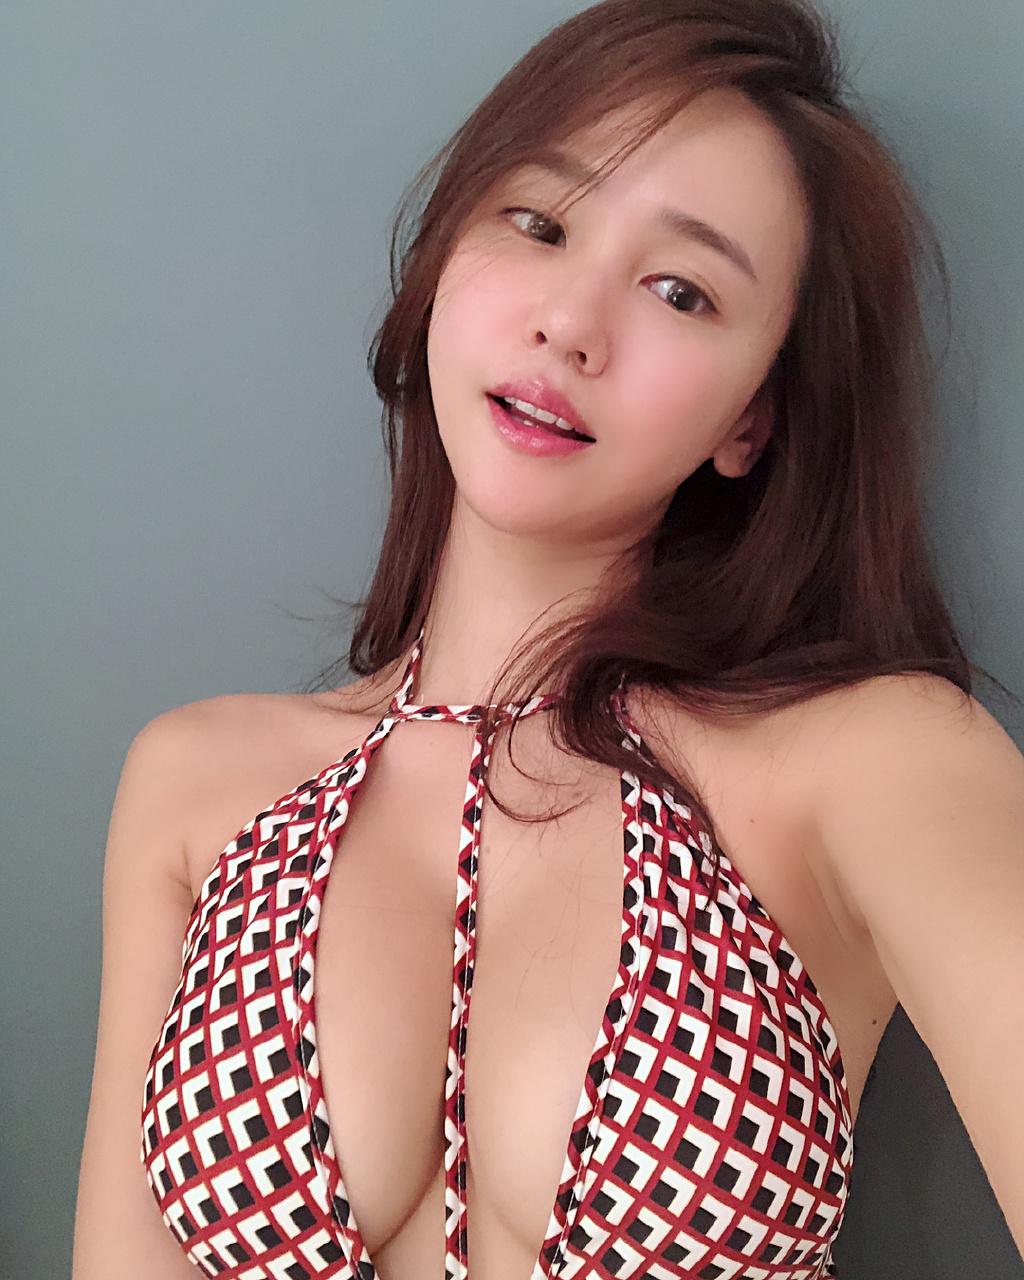 漲姿勢INS妹子圖:kim_pro_10 ???? 妹子圖 熱圖4